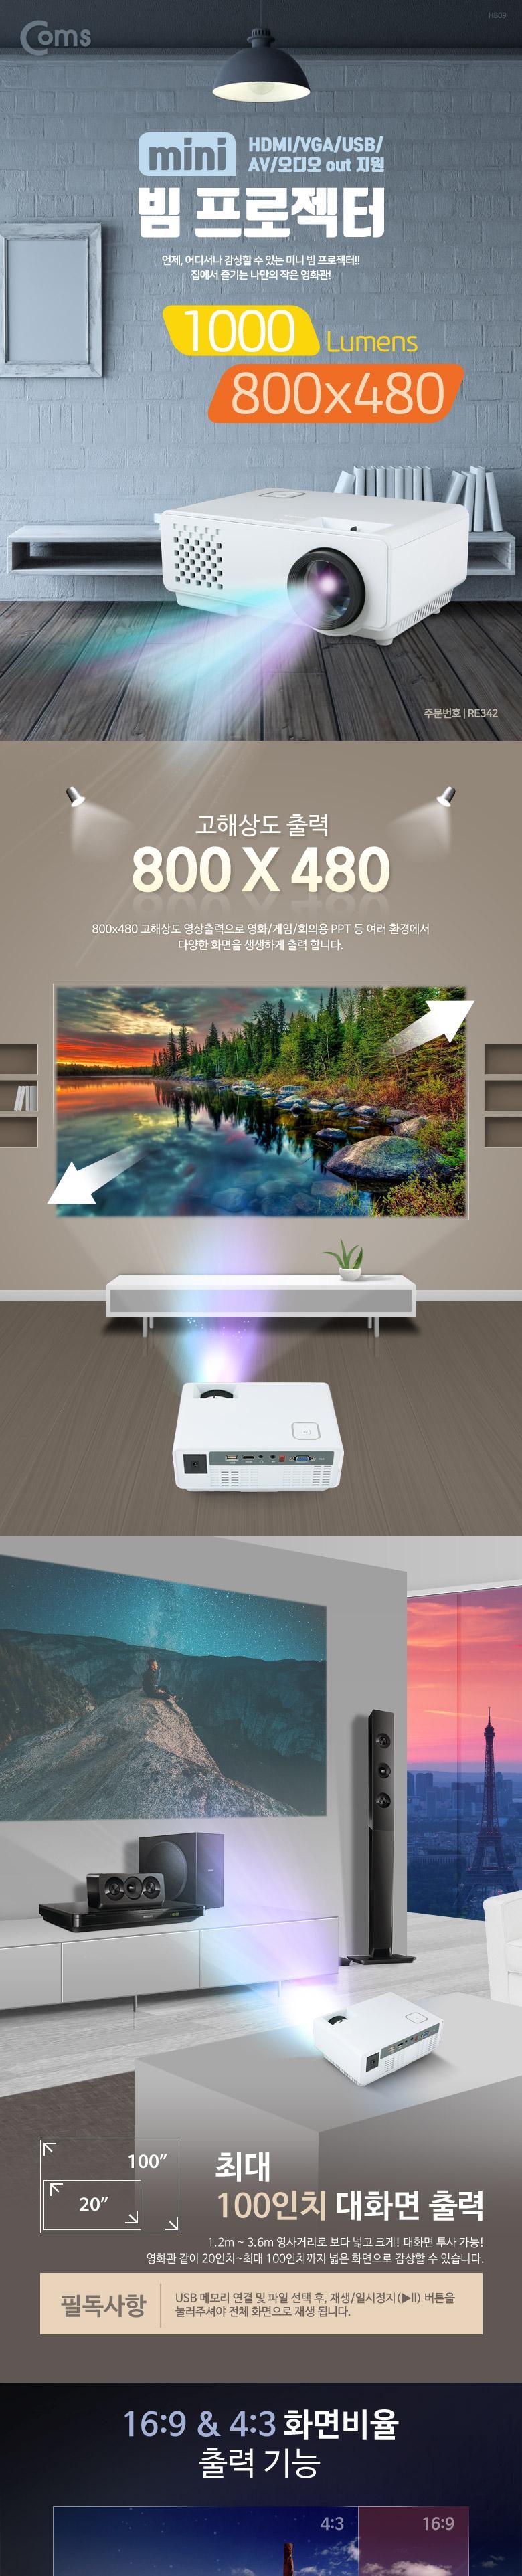 RE342 Coms 미니 빔프로젝터 800X480 1000Lumens. HDMI VGA USB AV 오디오 out 지원 빔프로젝터 미니프로젝터 프로젝터 미니빔프로젝터 휴대용프로젝터 이동식프로젝터 LED빔프로젝터 LED프로젝터 고해상도프로젝터 HD프로젝터